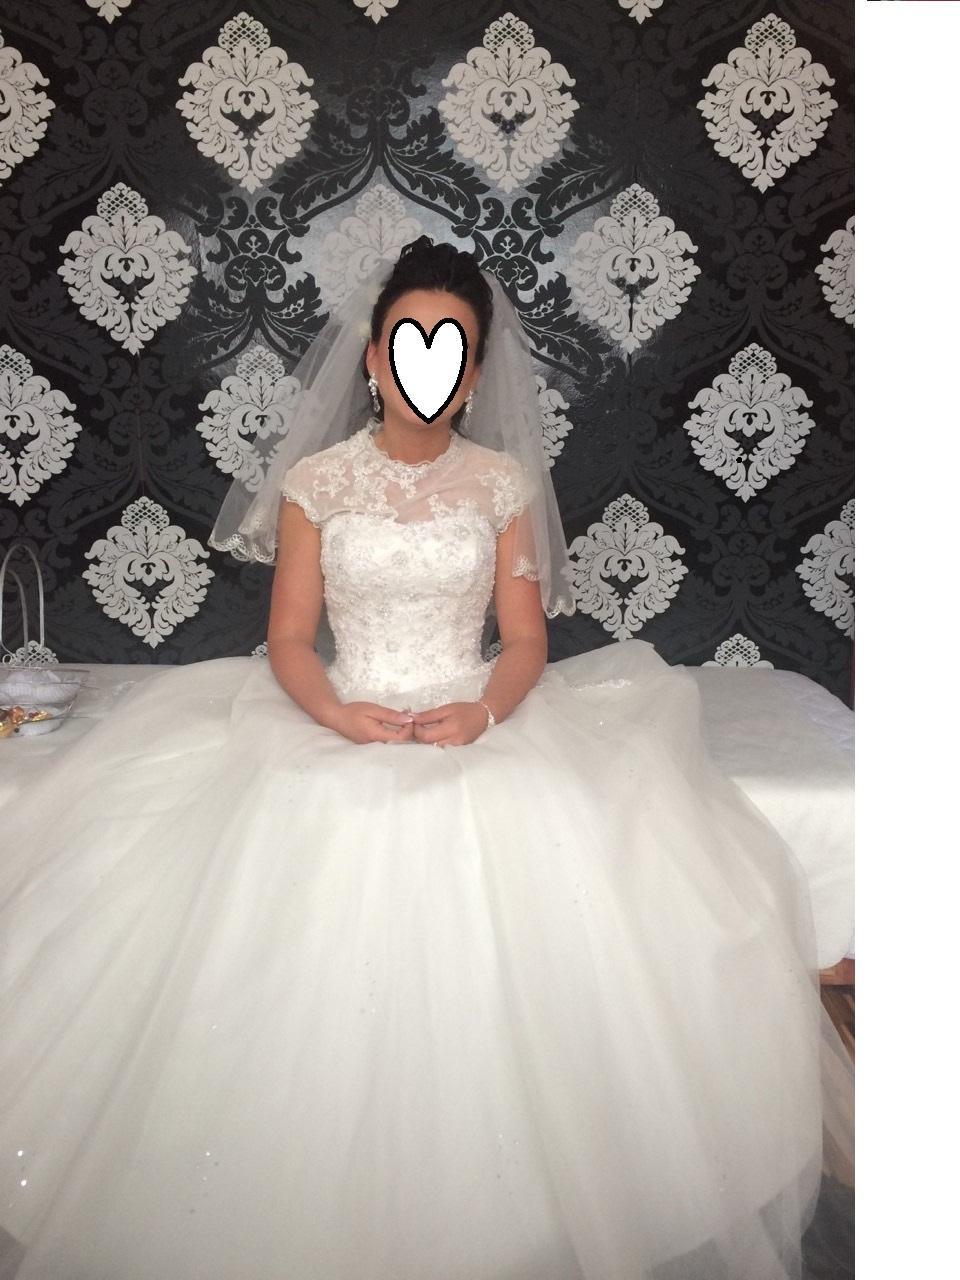 Ponúkam rozprávkové svadobné šaty - Obrázok č. 1